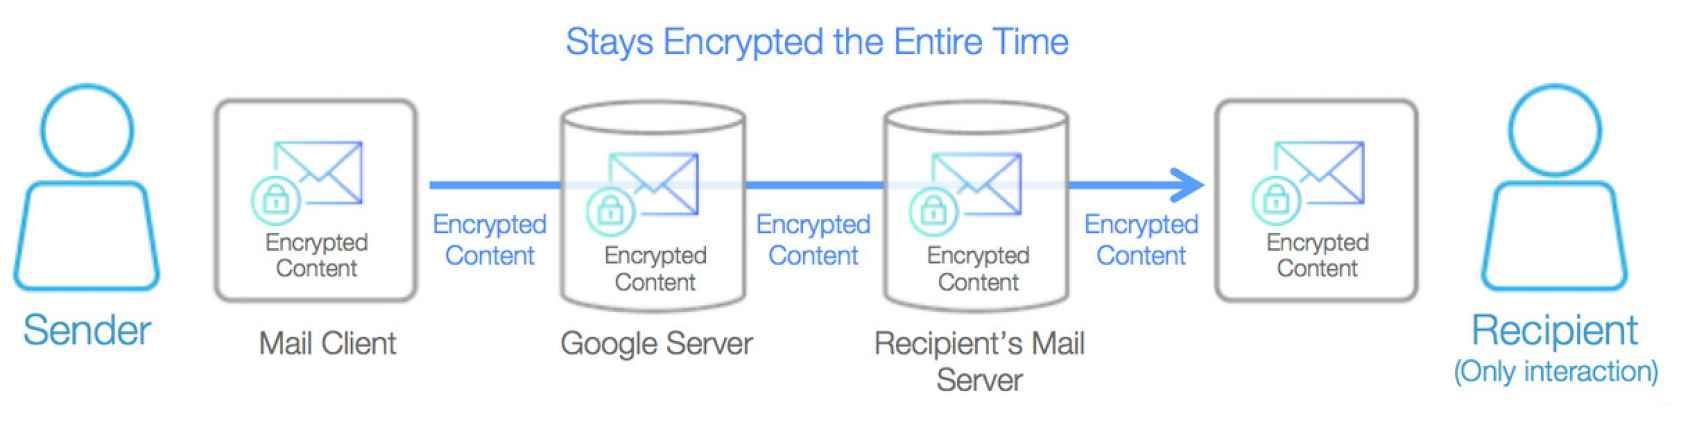 En el cifrado extremo a extremo (como por ejemplo, en un email), sólo los participantes pueden descifrar